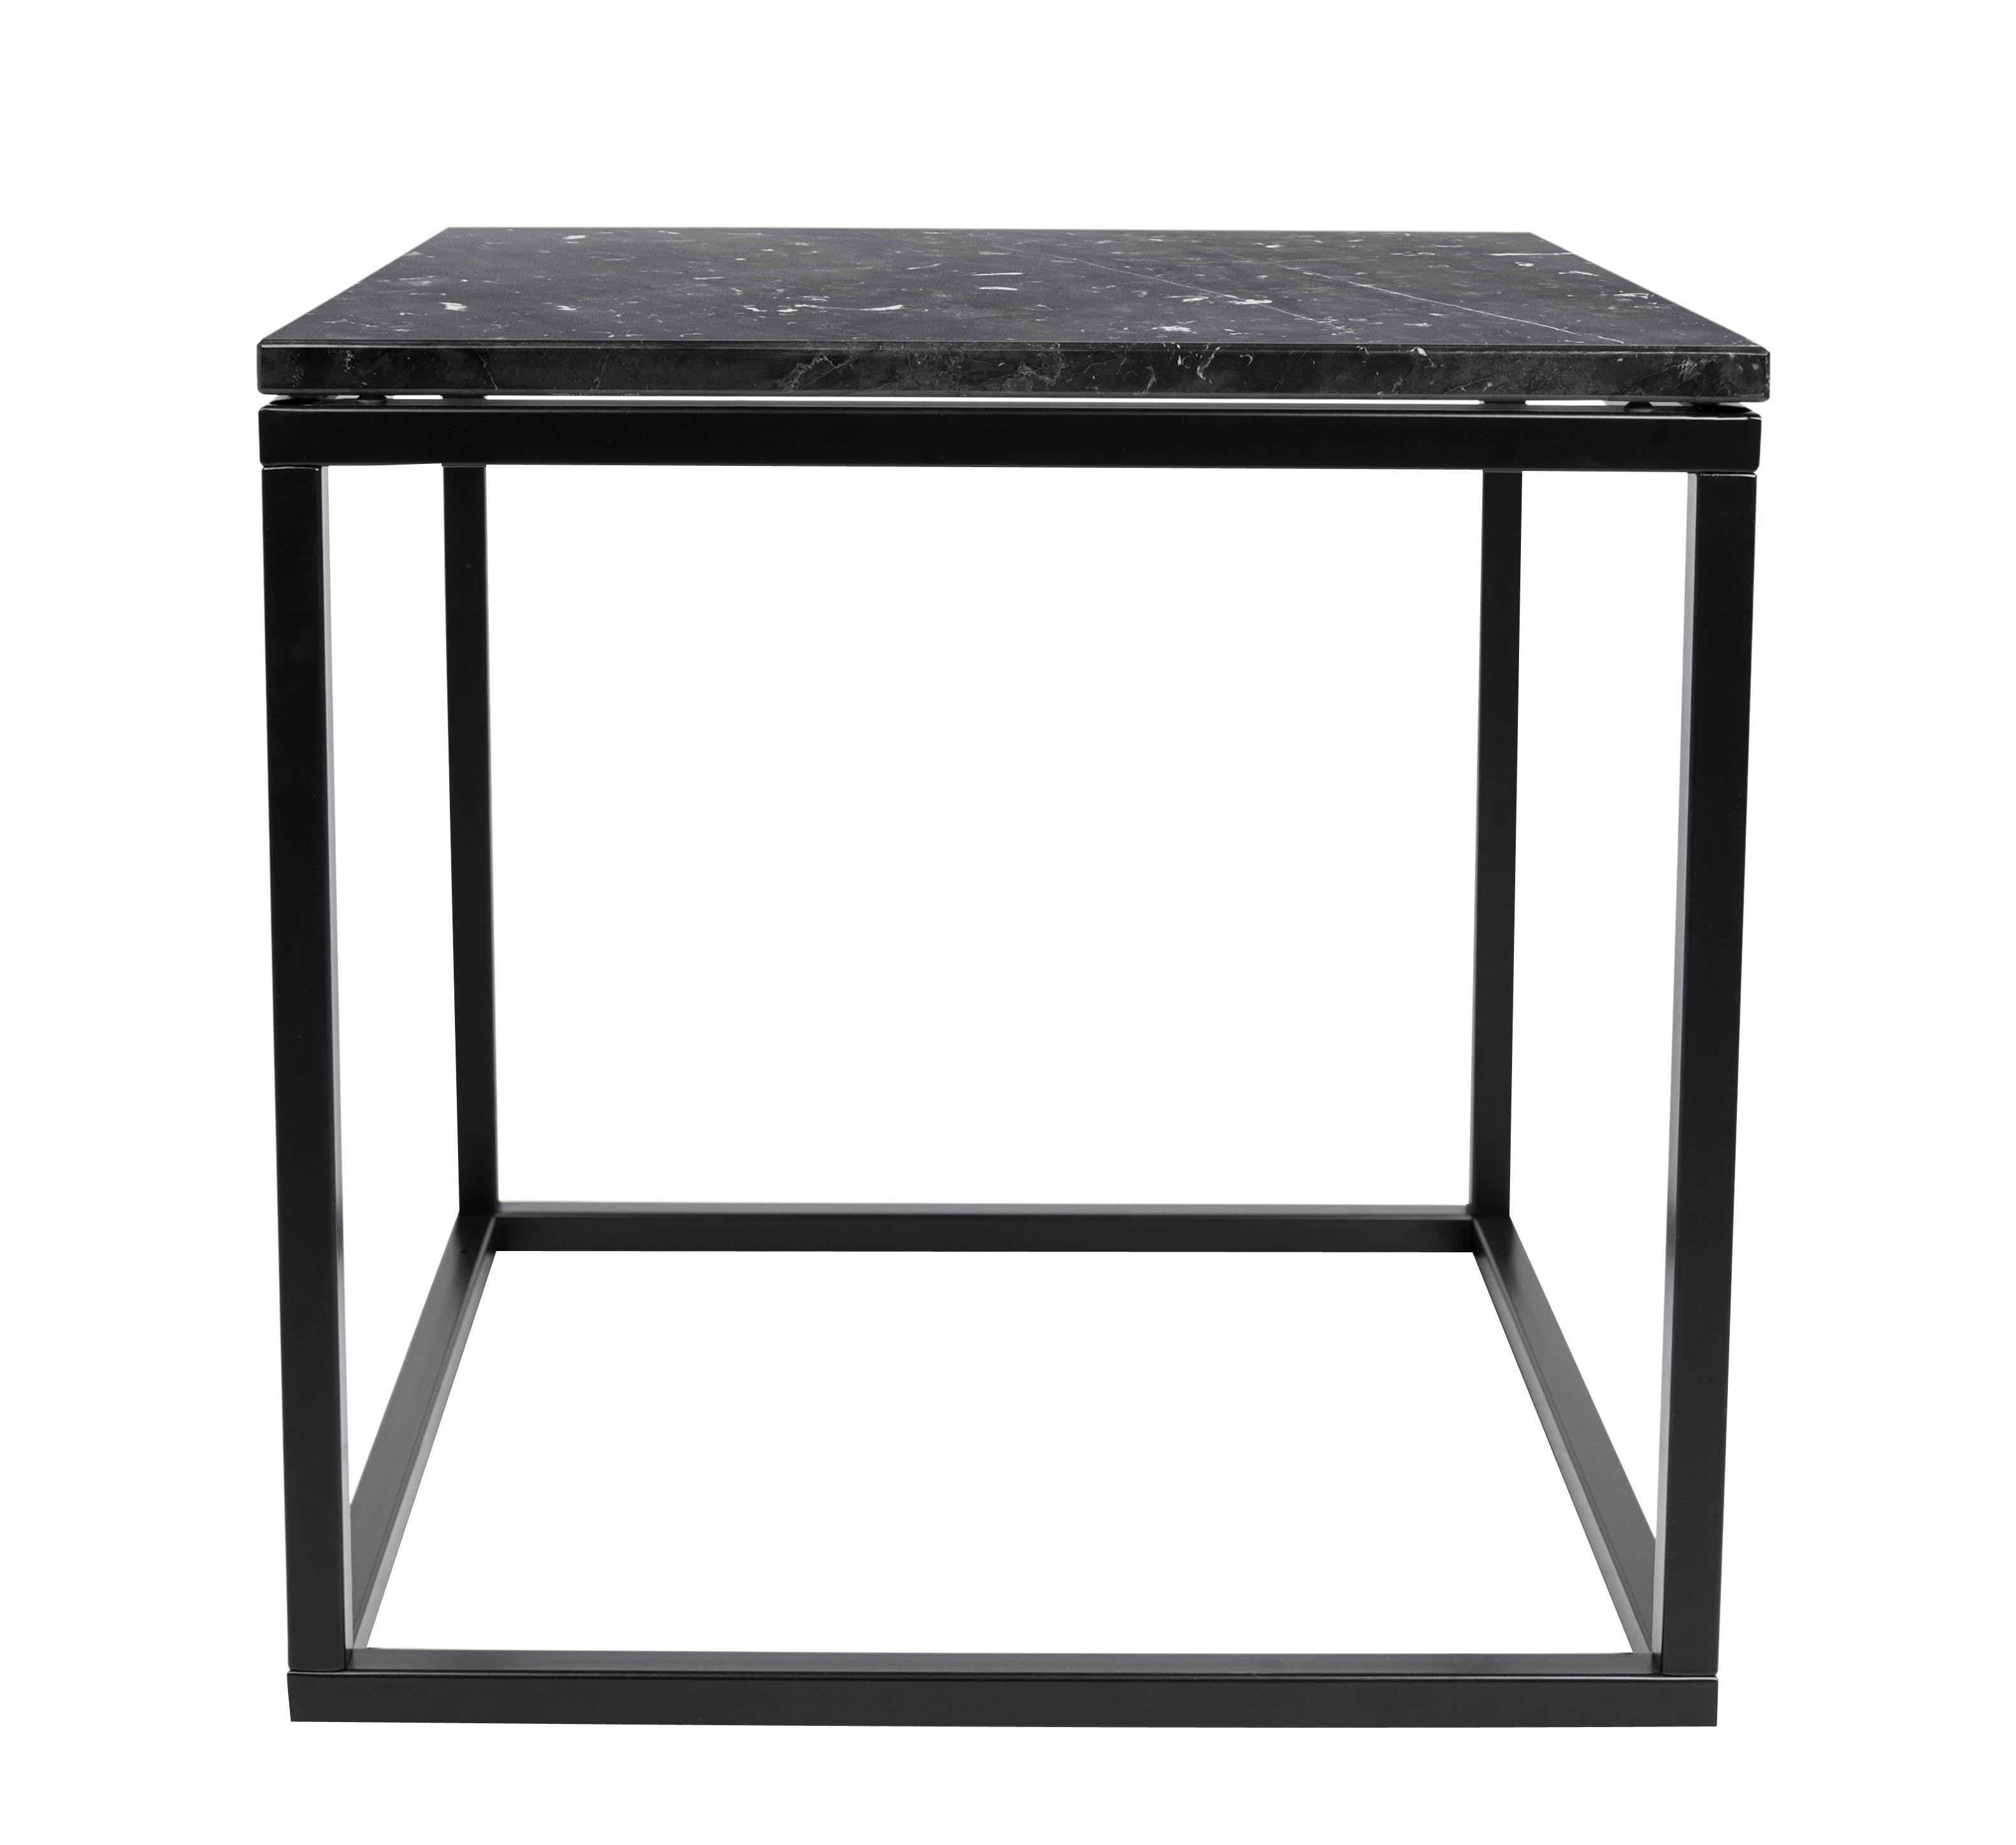 Mobilier - Tables basses - Table basse Marble / Marbre - 50 x 50cm - POP UP HOME - Marbre noir / Pied noir - Acier laqué, Marbre